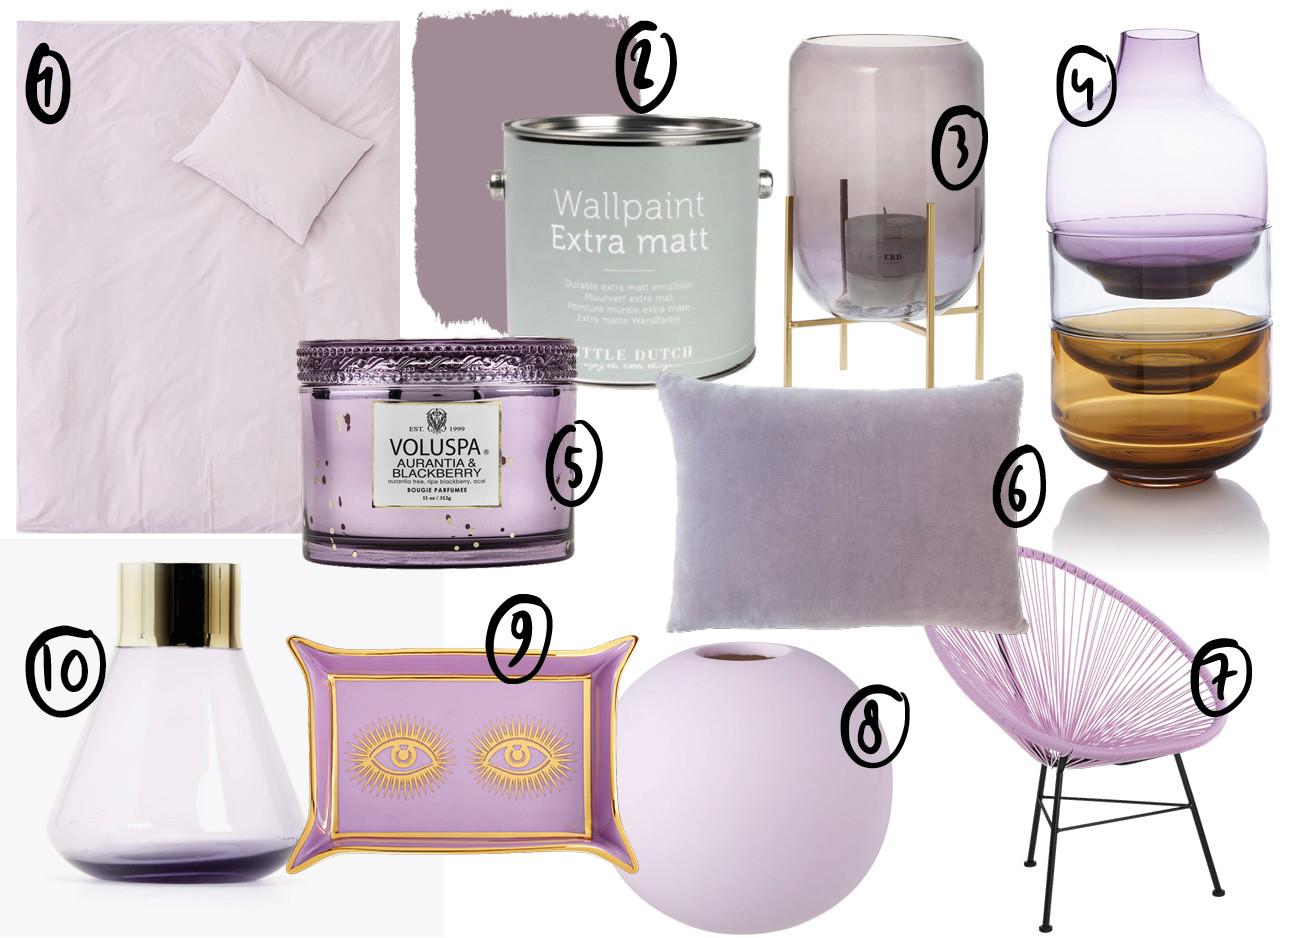 shopping lavender kaars kussentjes stoel vazen lila paars